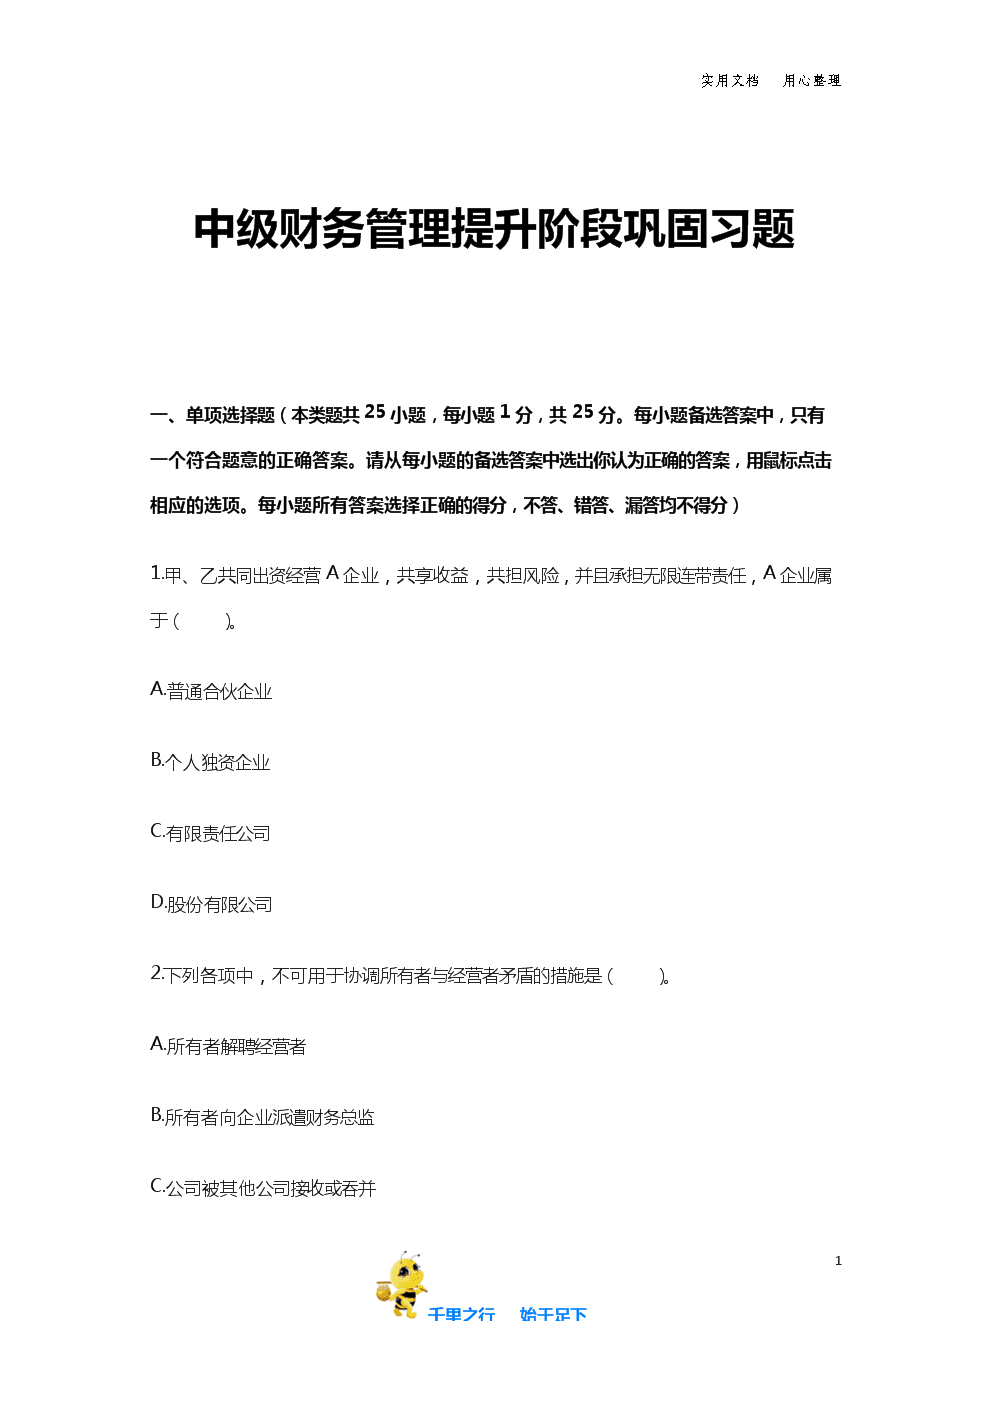 2019中级财务管理分阶段巩固习题_提高阶段.docx